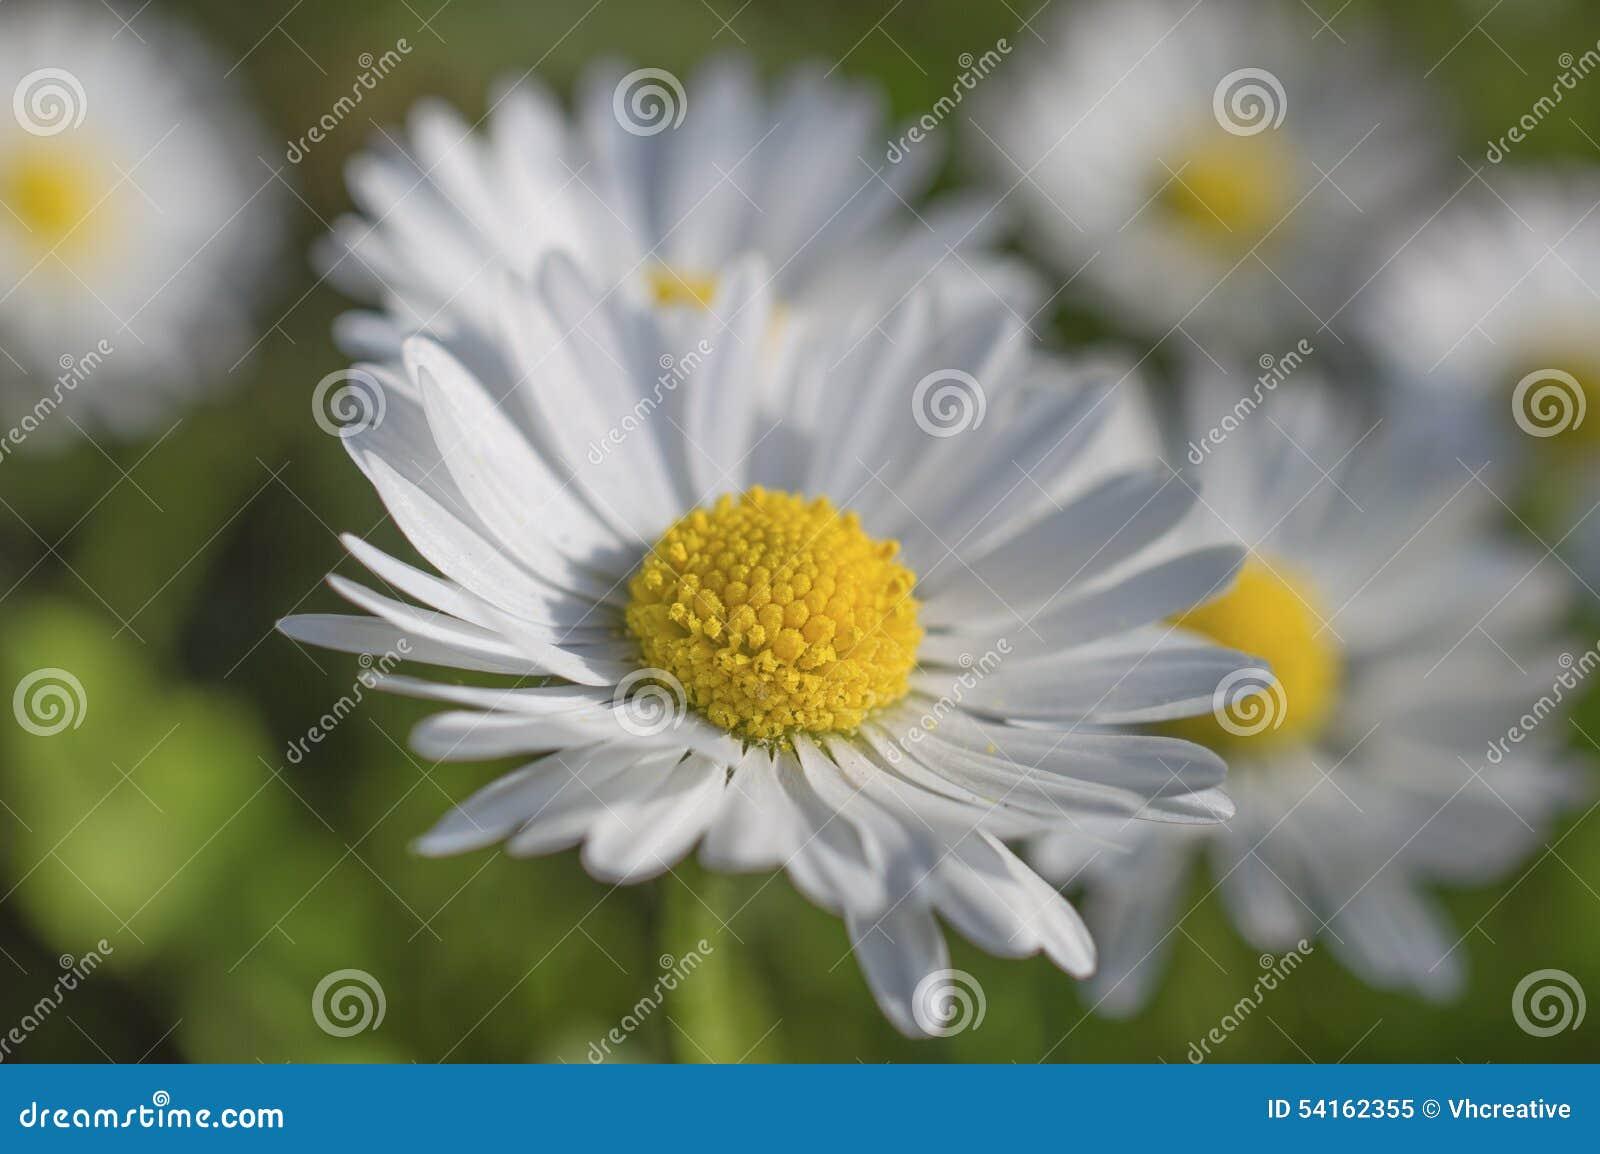 Chamomile daisy white flowers stock image image of petals bloom chamomile daisy white flowers izmirmasajfo